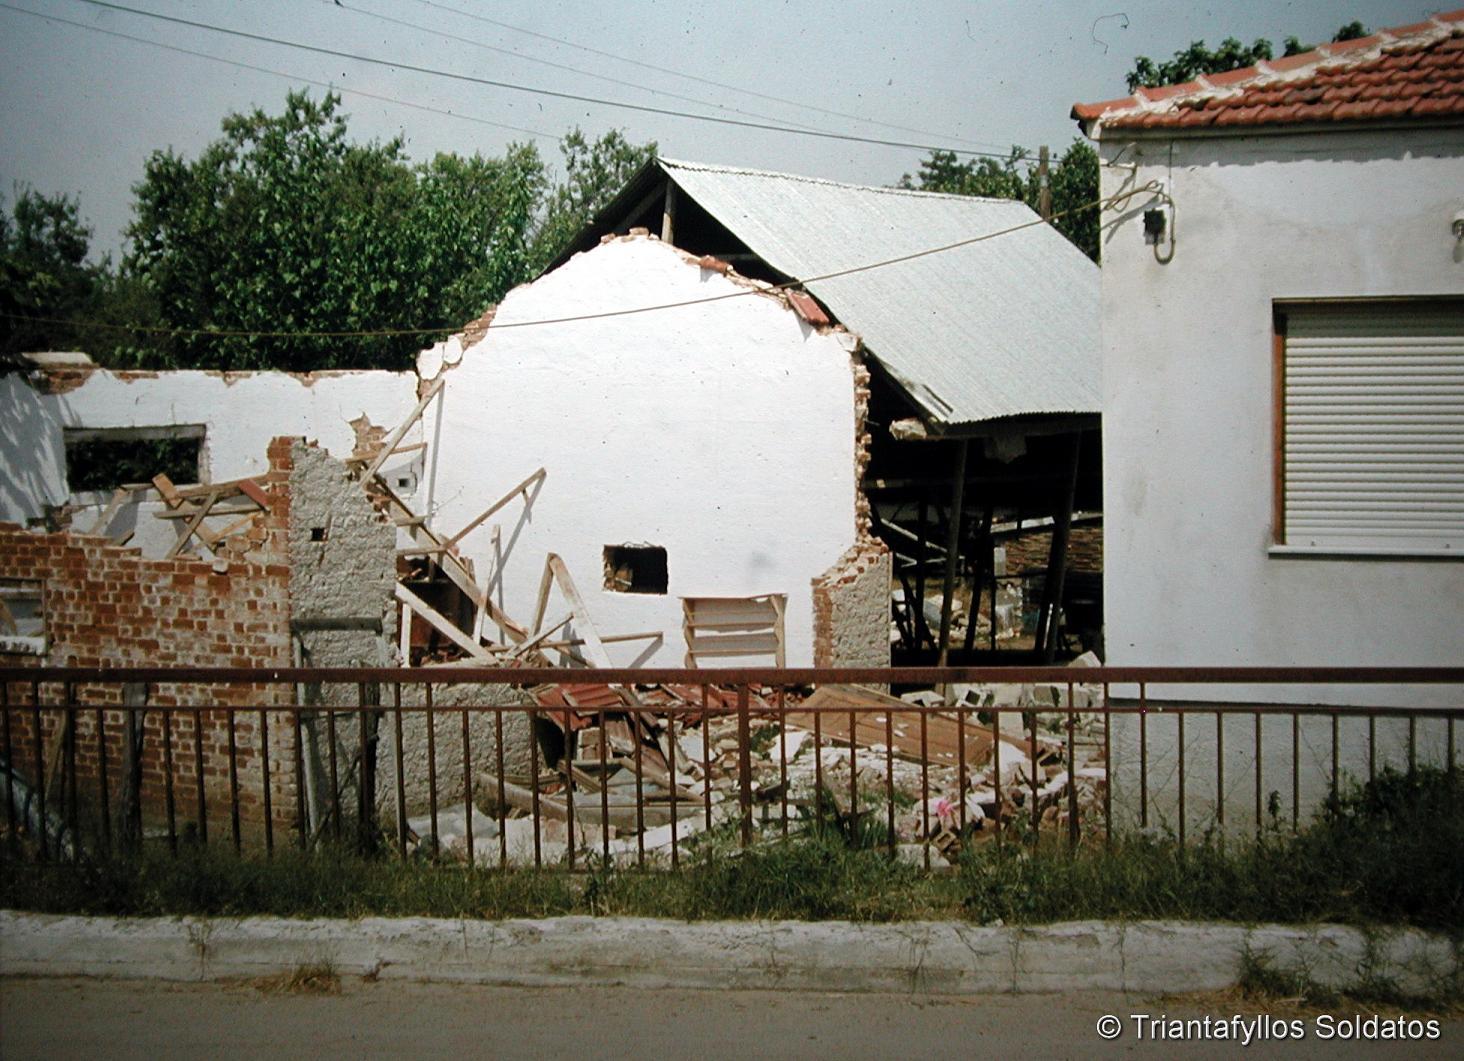 Ζημιές σε σπίτια. Περιοχή λίμνης Βόλβης